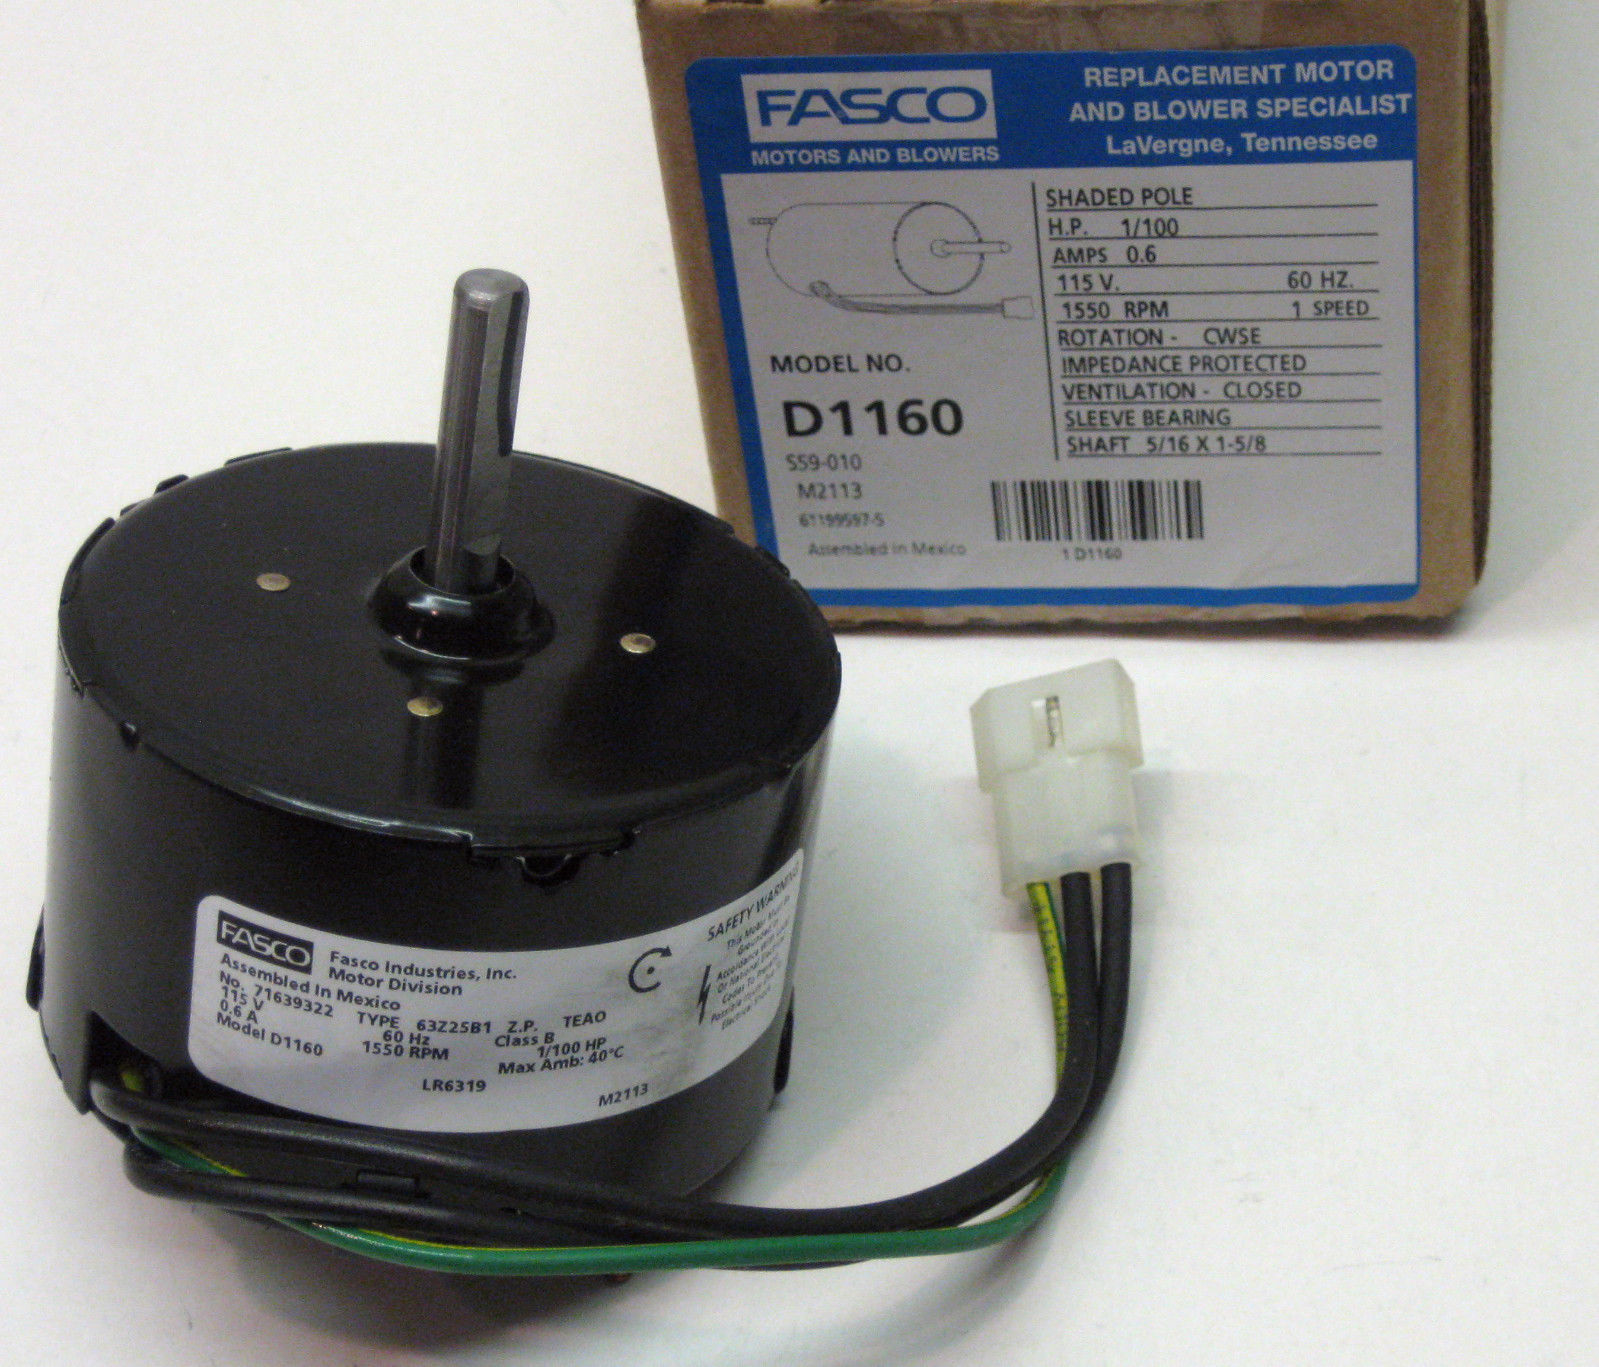 d1160 fasco bathroom fan vent motor for 7163 2593 655 661 663 655n 668 763 768 walmart com